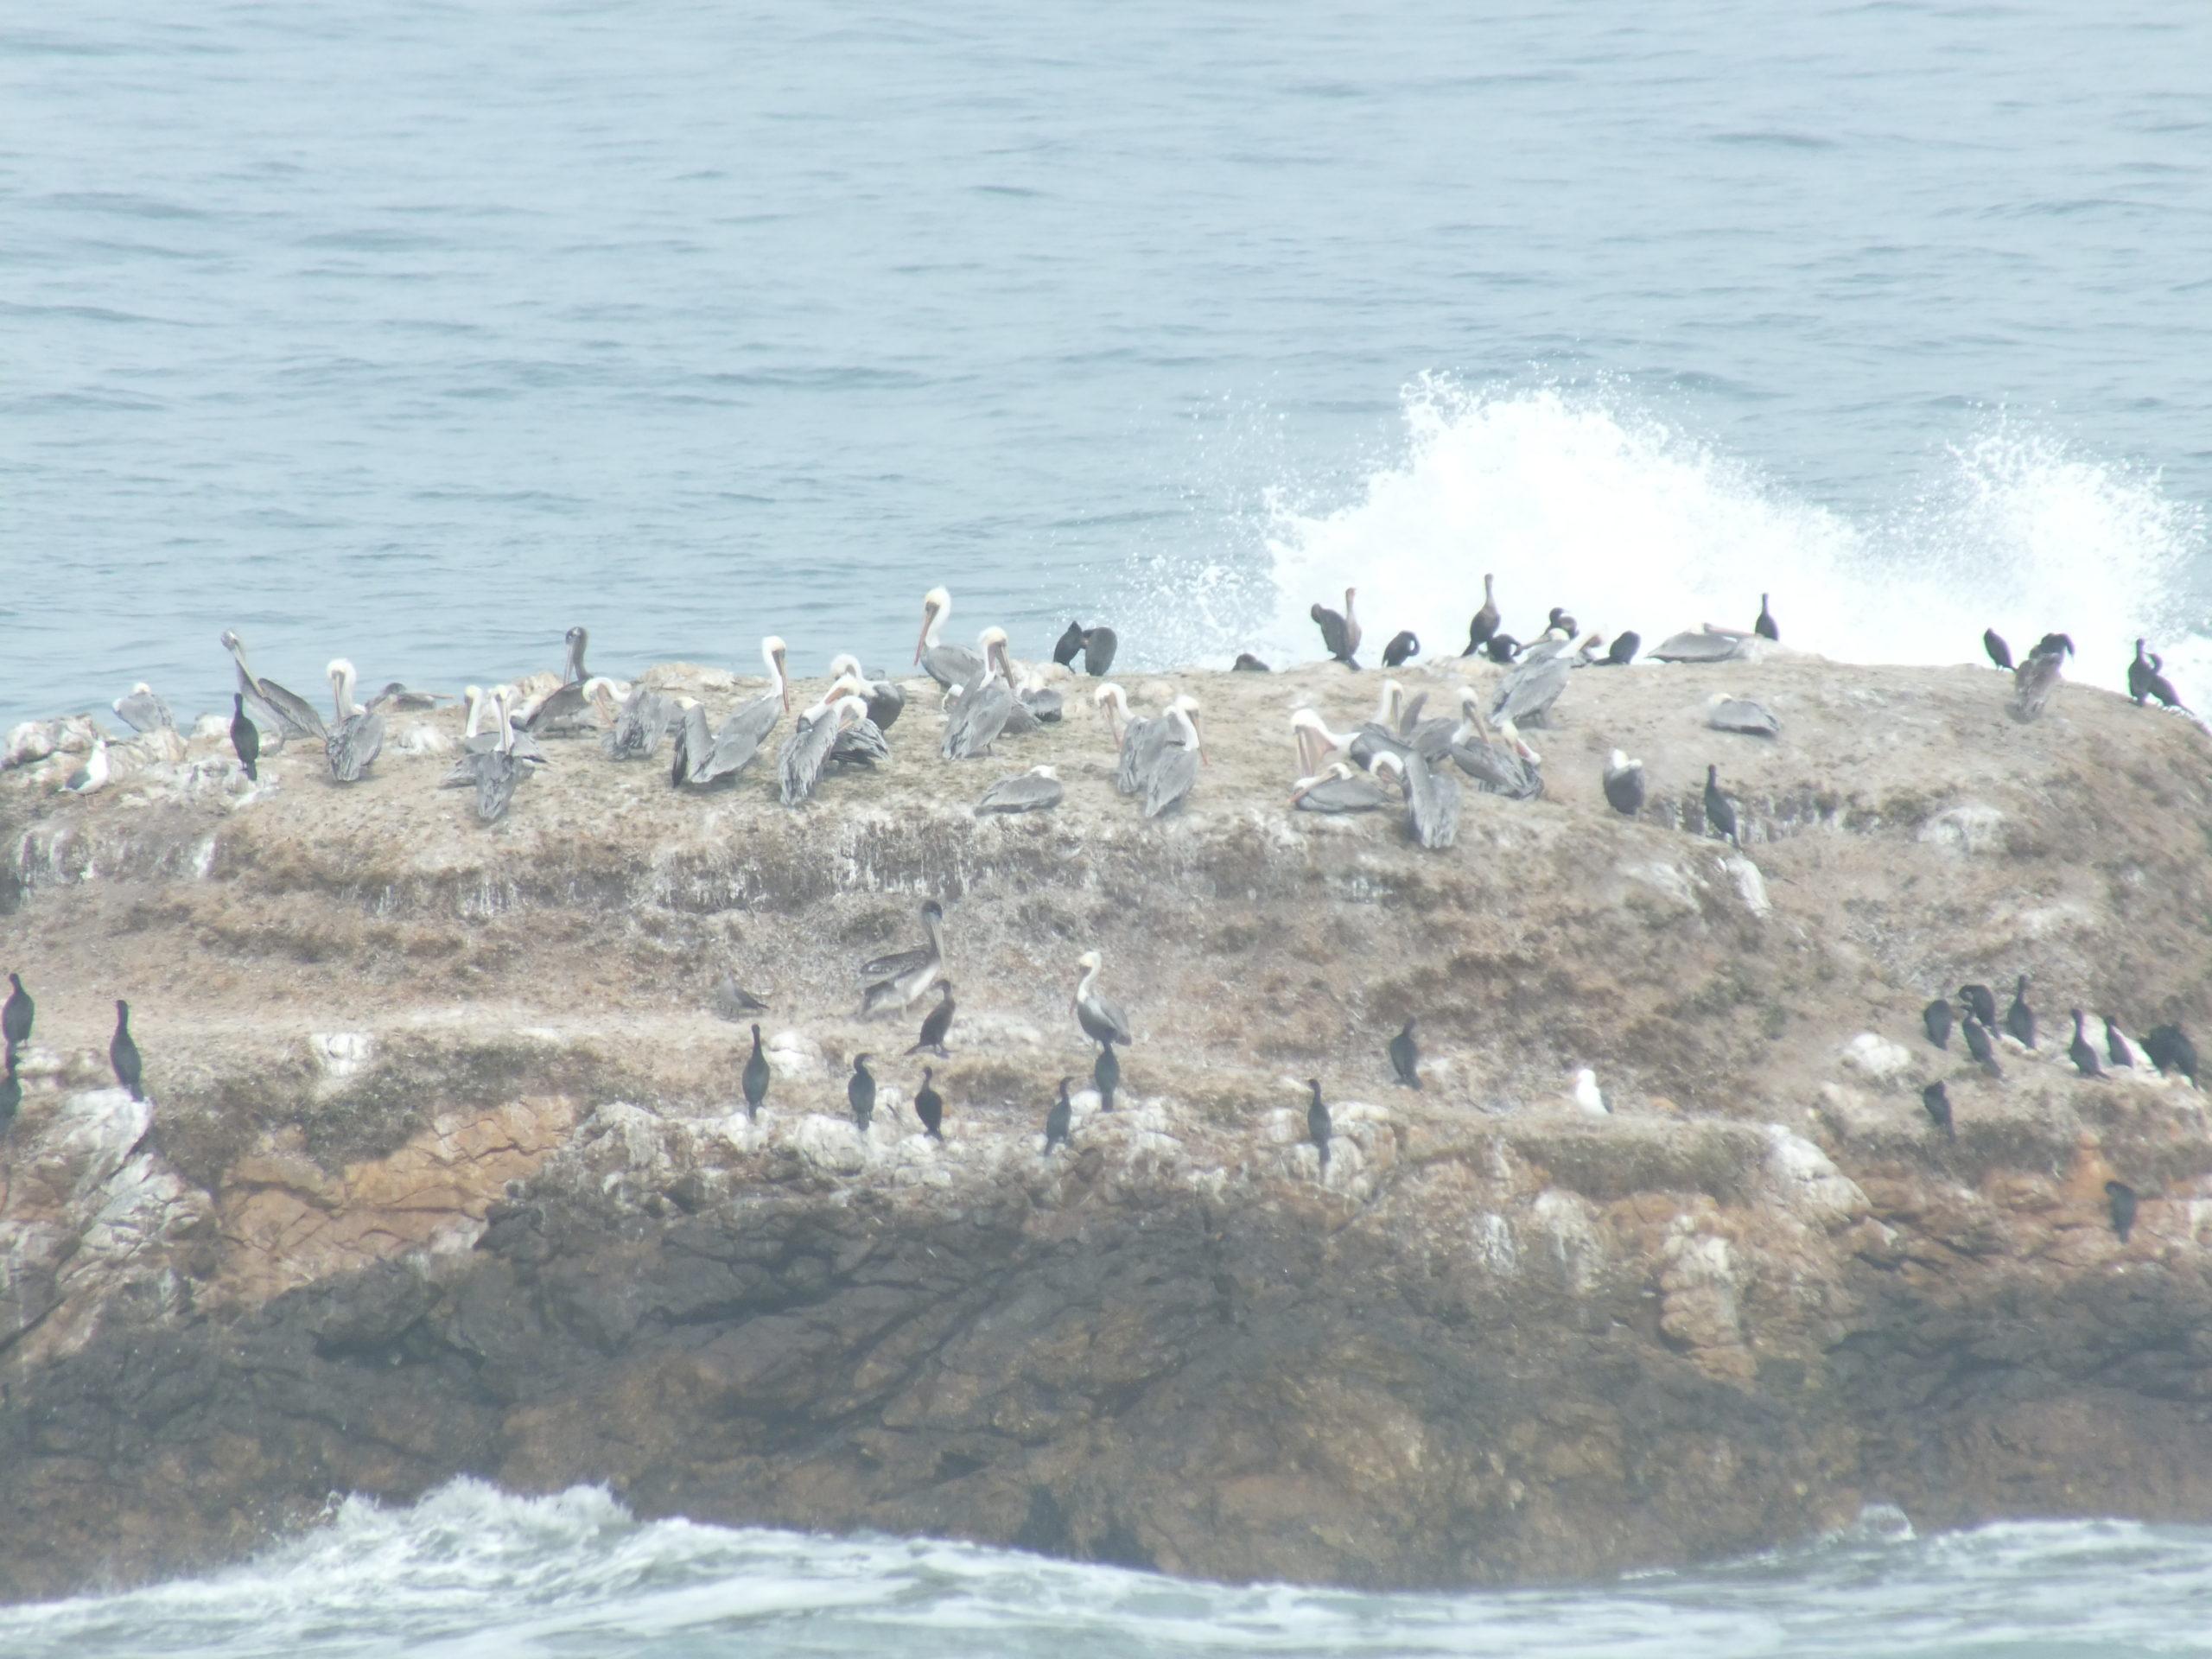 כביש 1 בקליפורניה - עופות מים